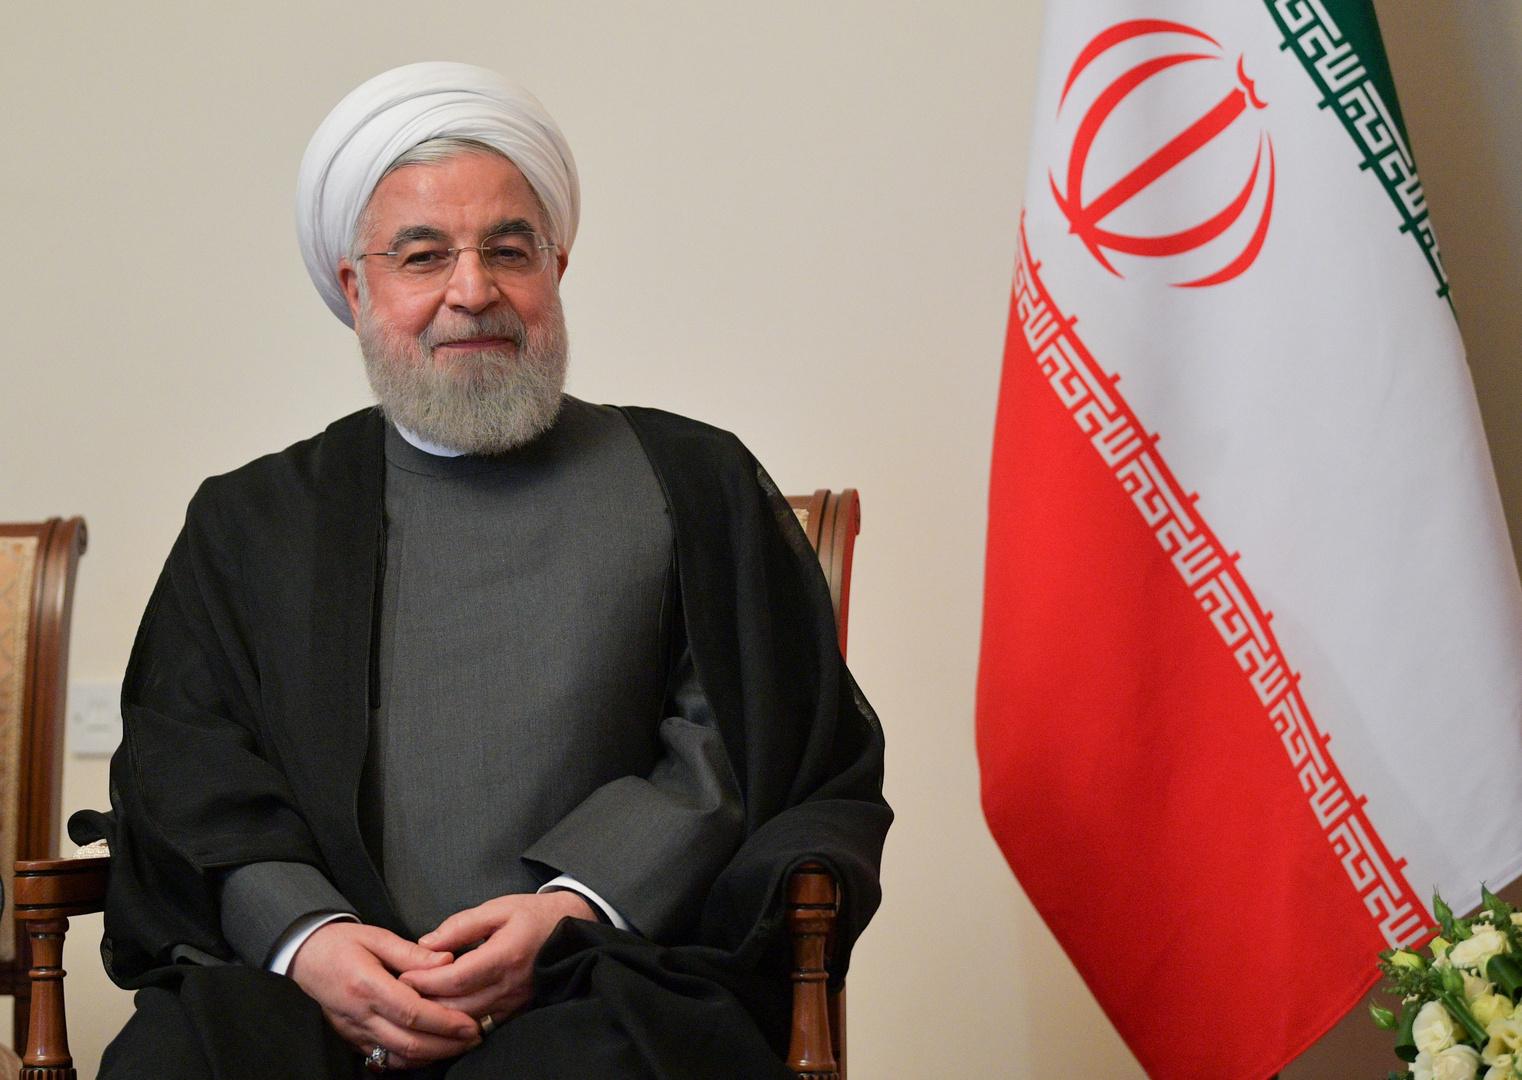 روحاني: ينبغي إعادة النظر في قوانين المنظومات الدفاعية بعد حادث إسقاط